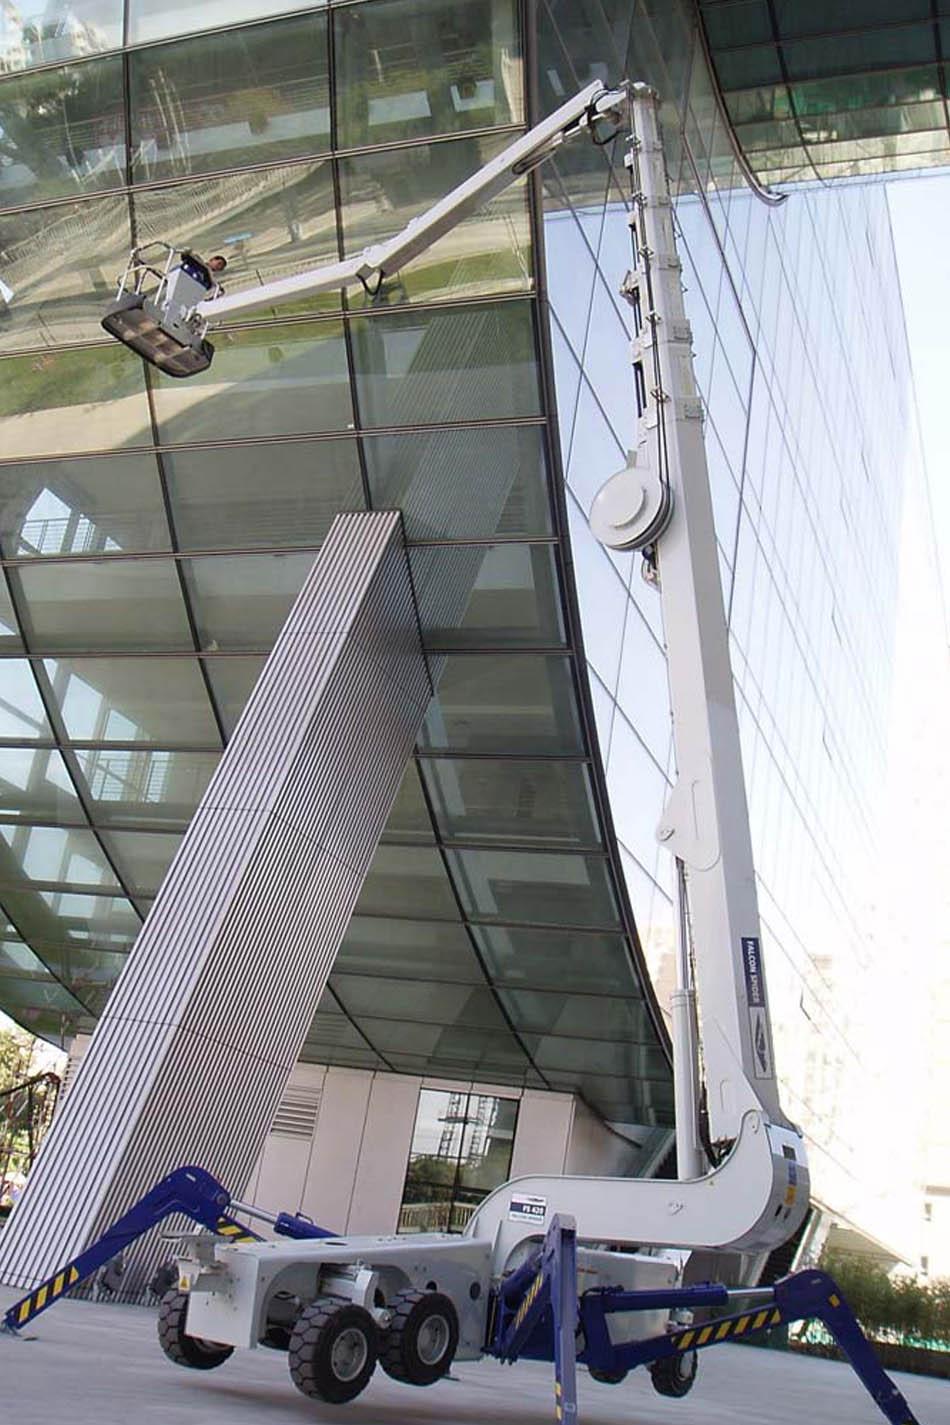 42米橡胶轮胎蜘蛛式升降机